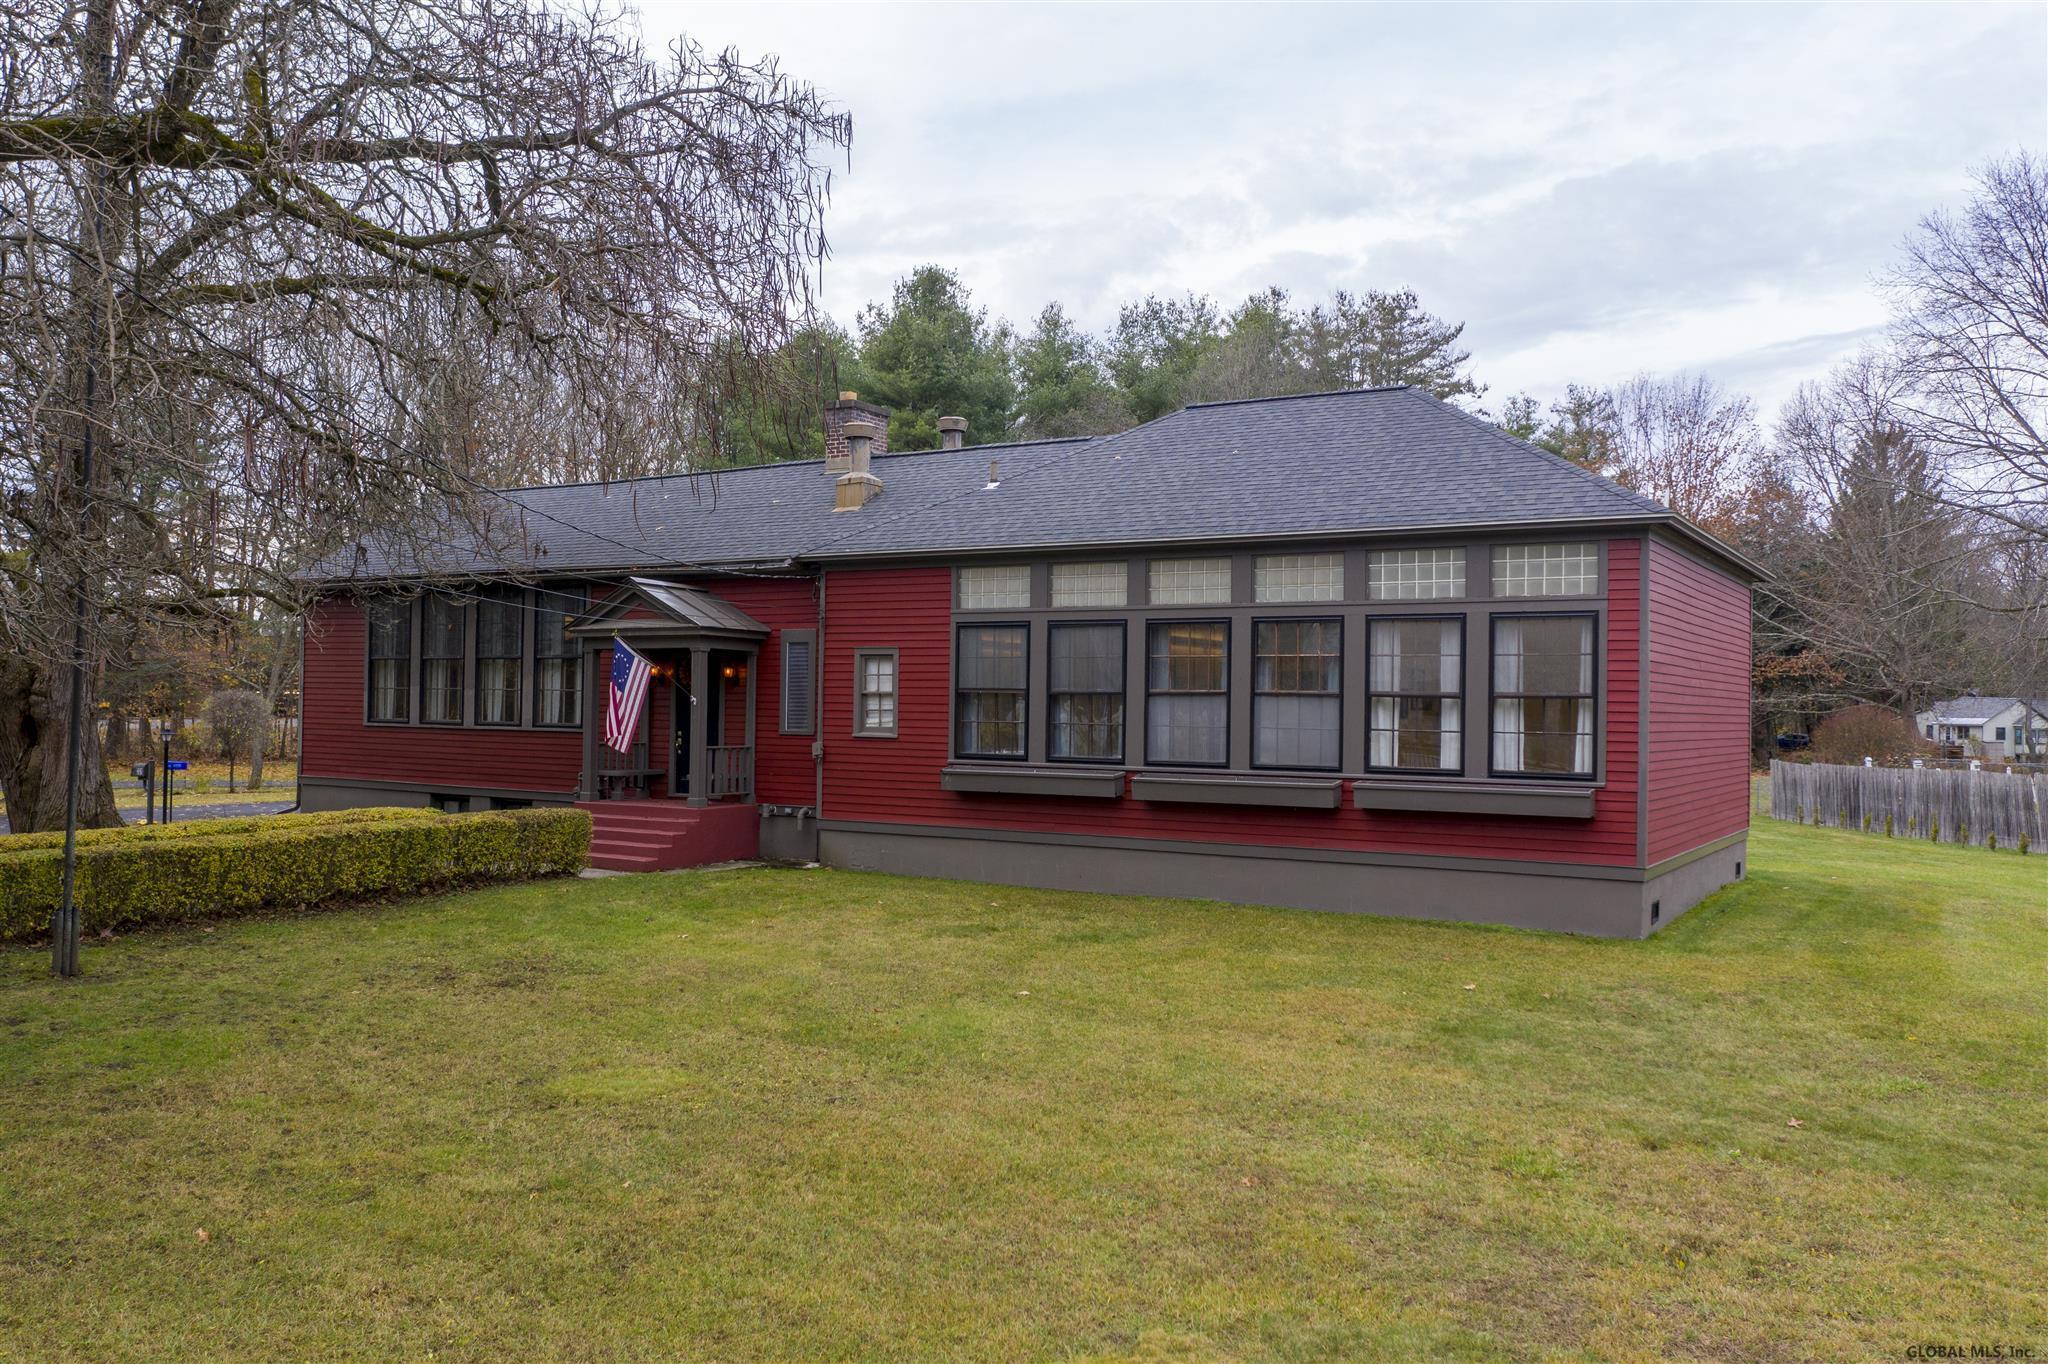 Saratoga S image 9